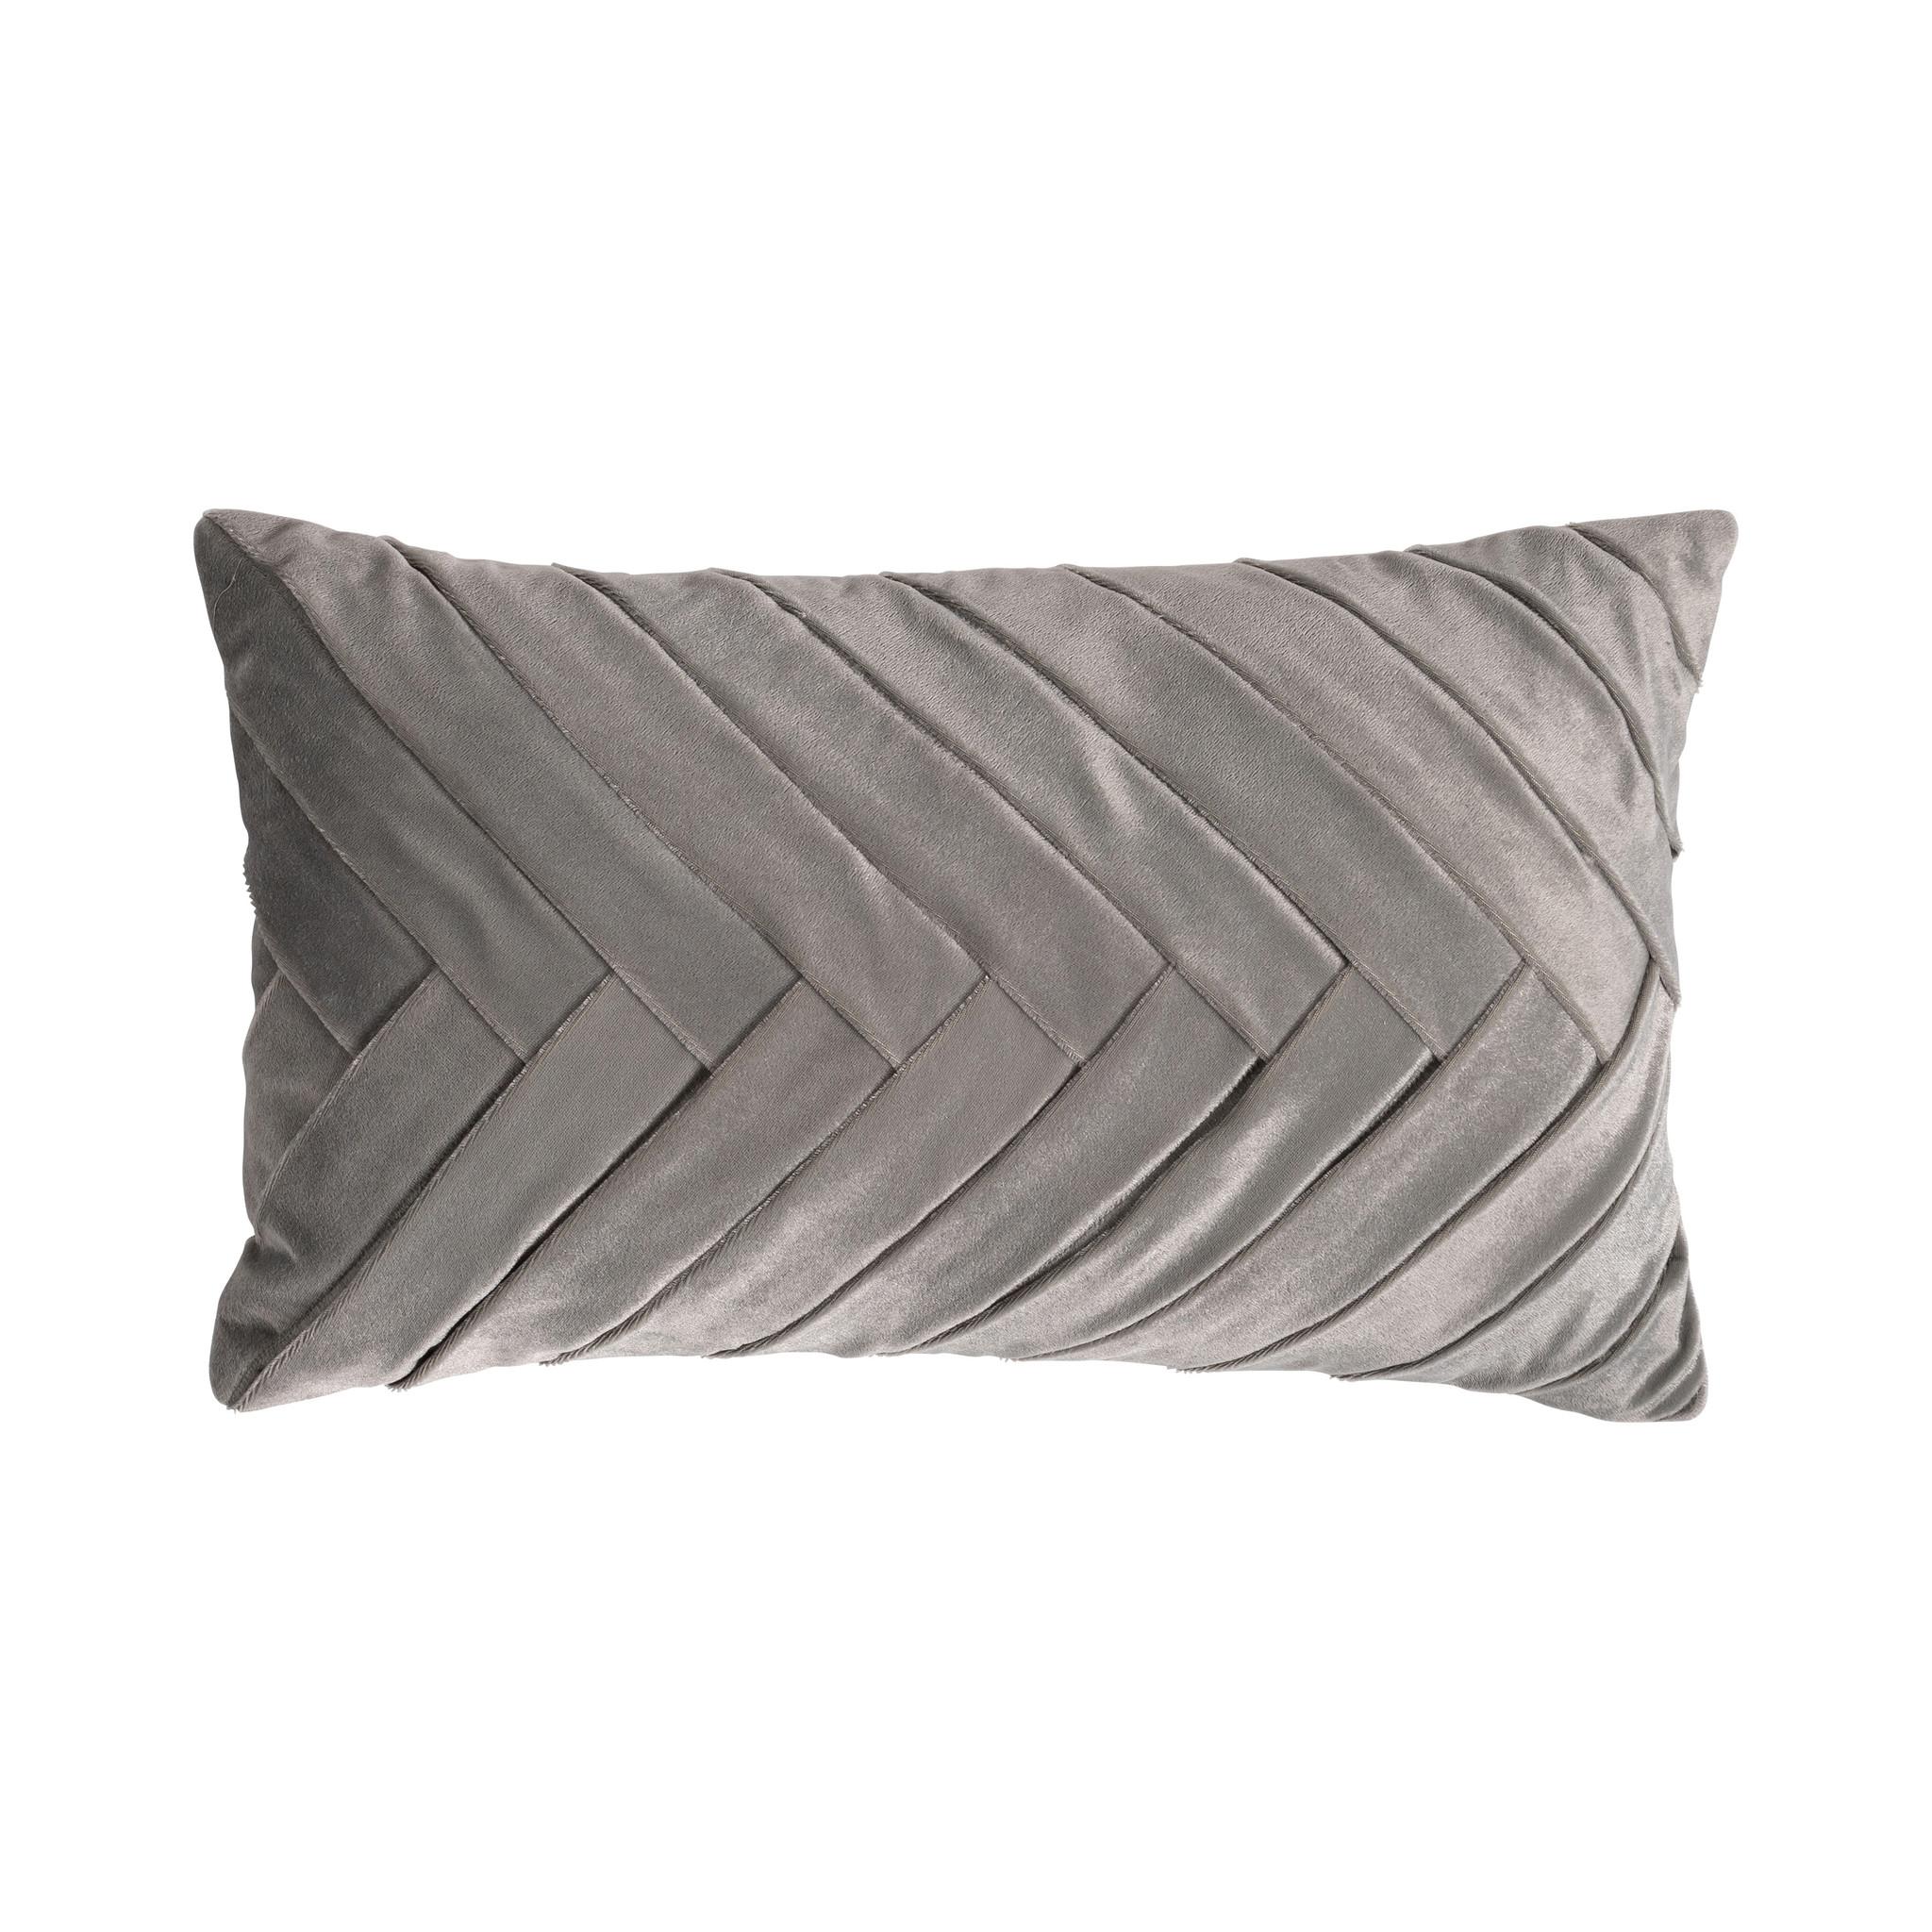 Presence Sierkussenhoes Folded - Zilver Kleur: Zilvergrijs